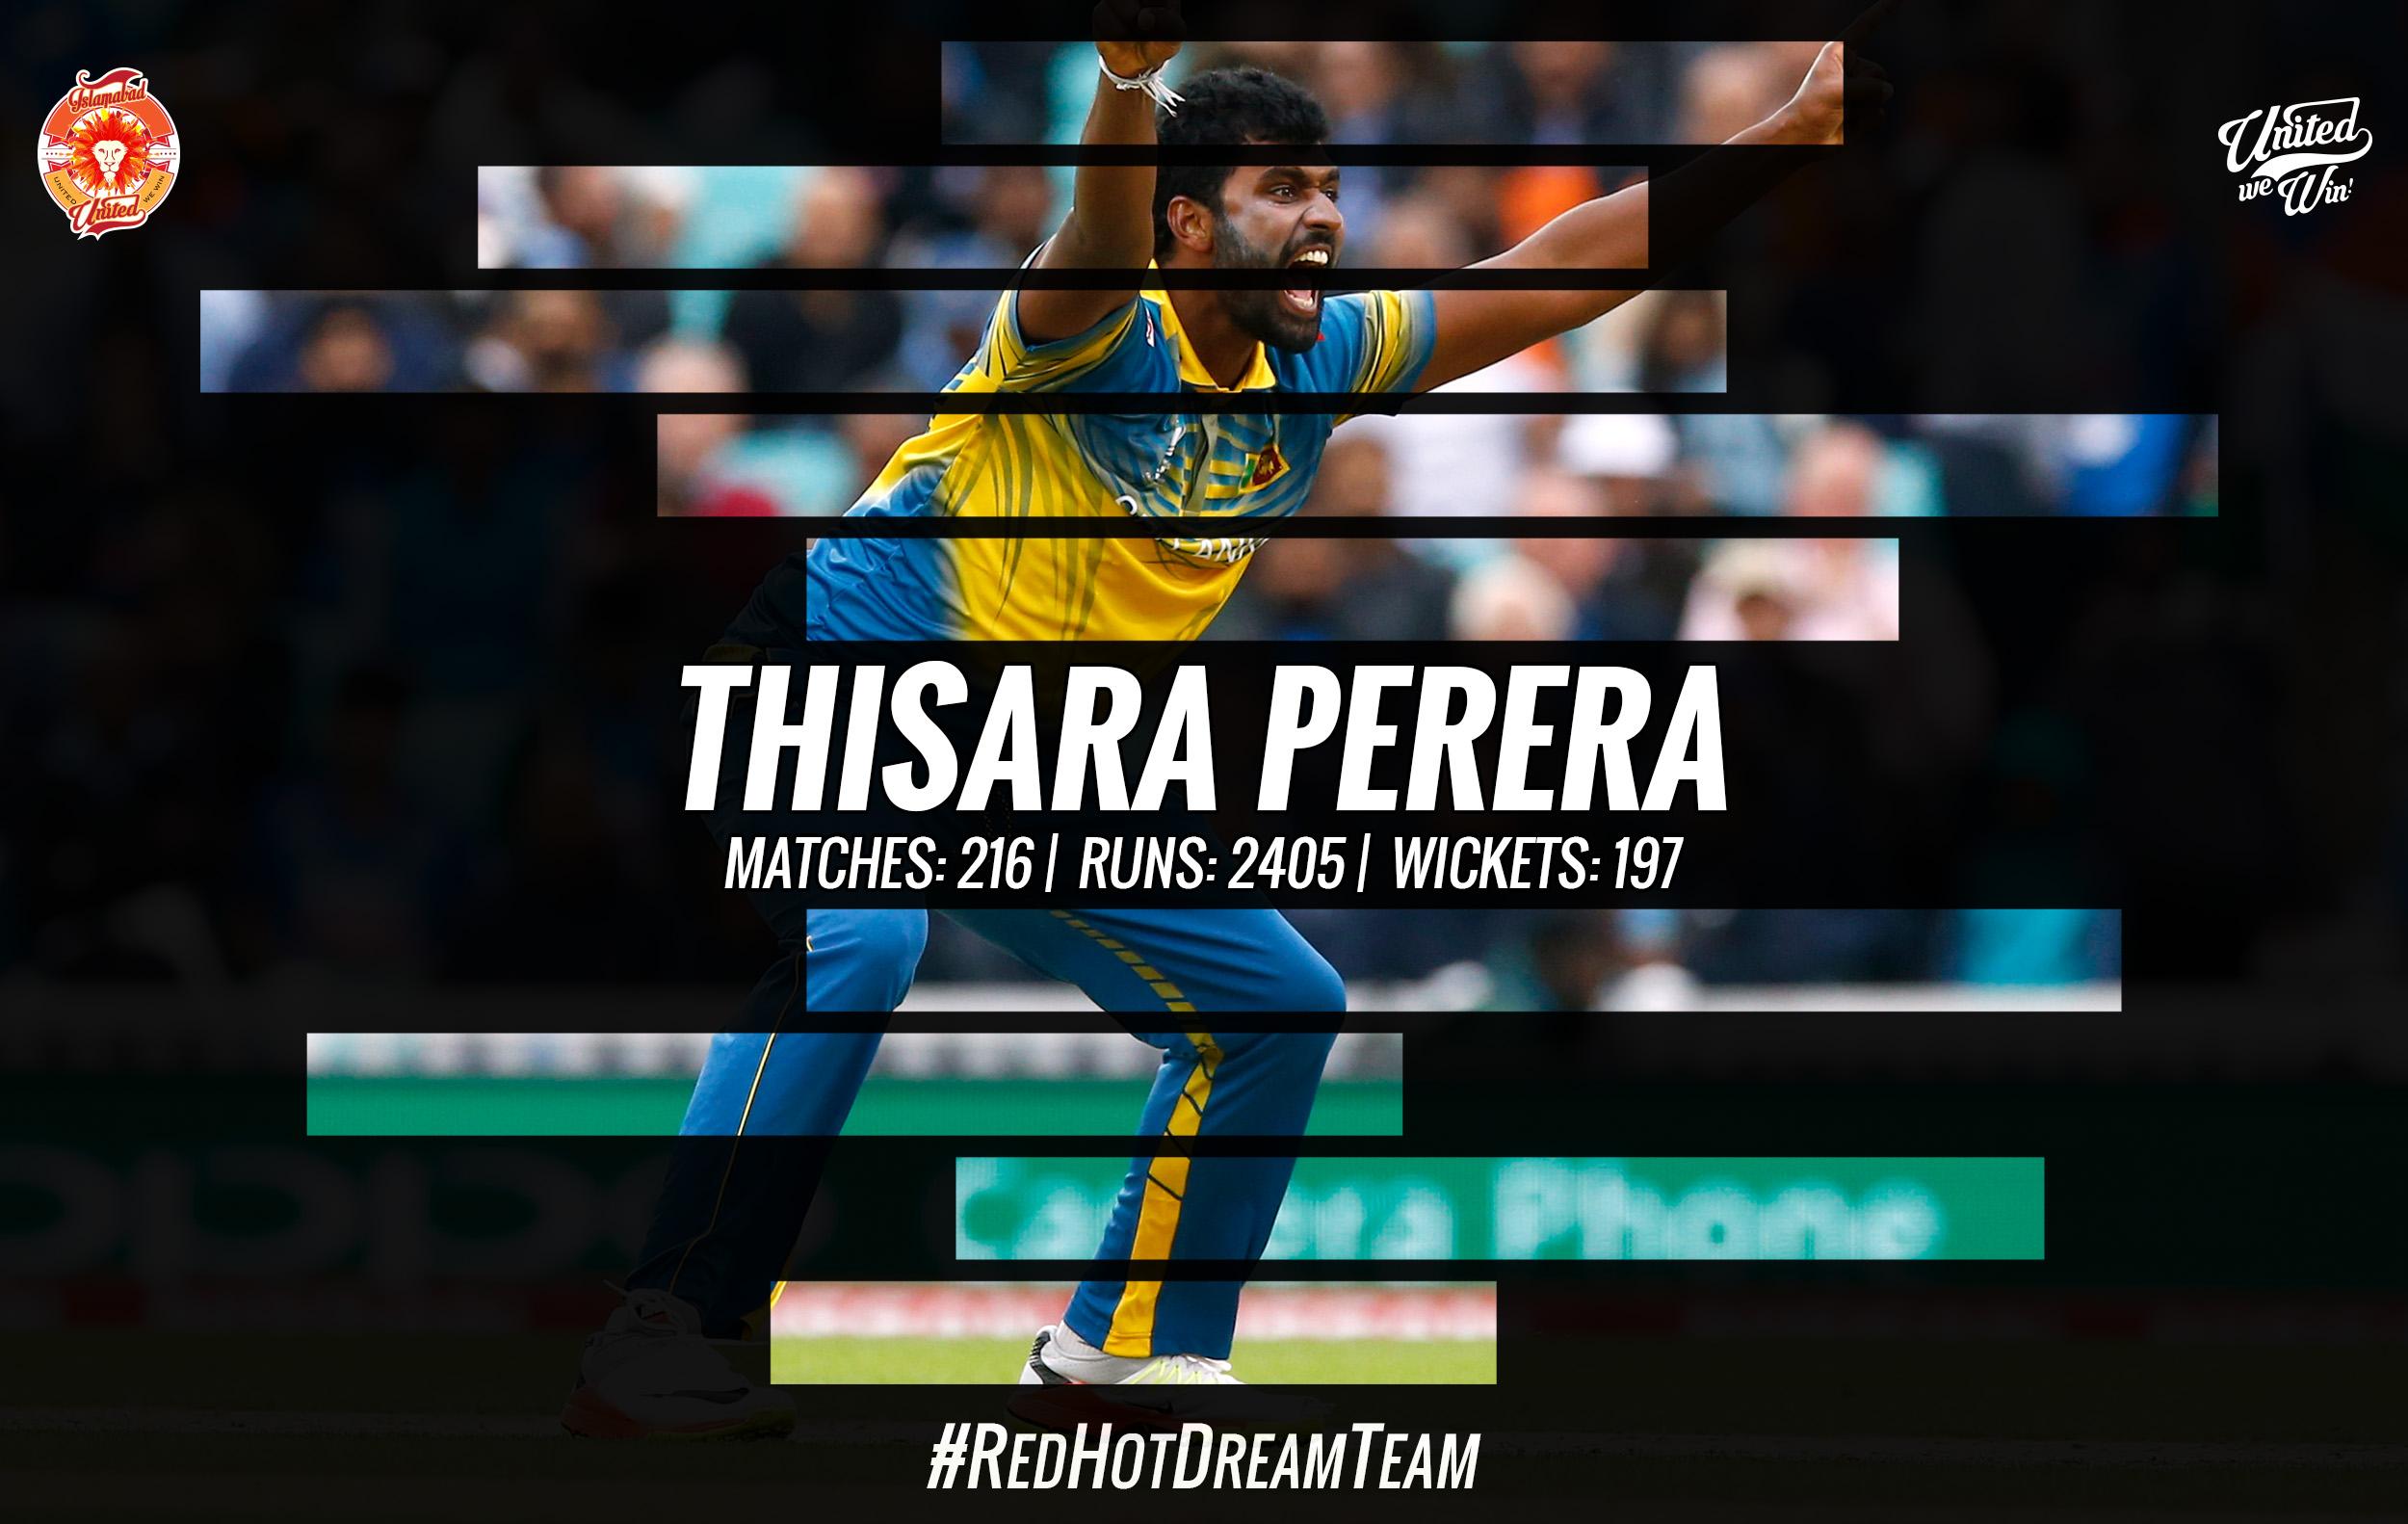 Thisara Perera